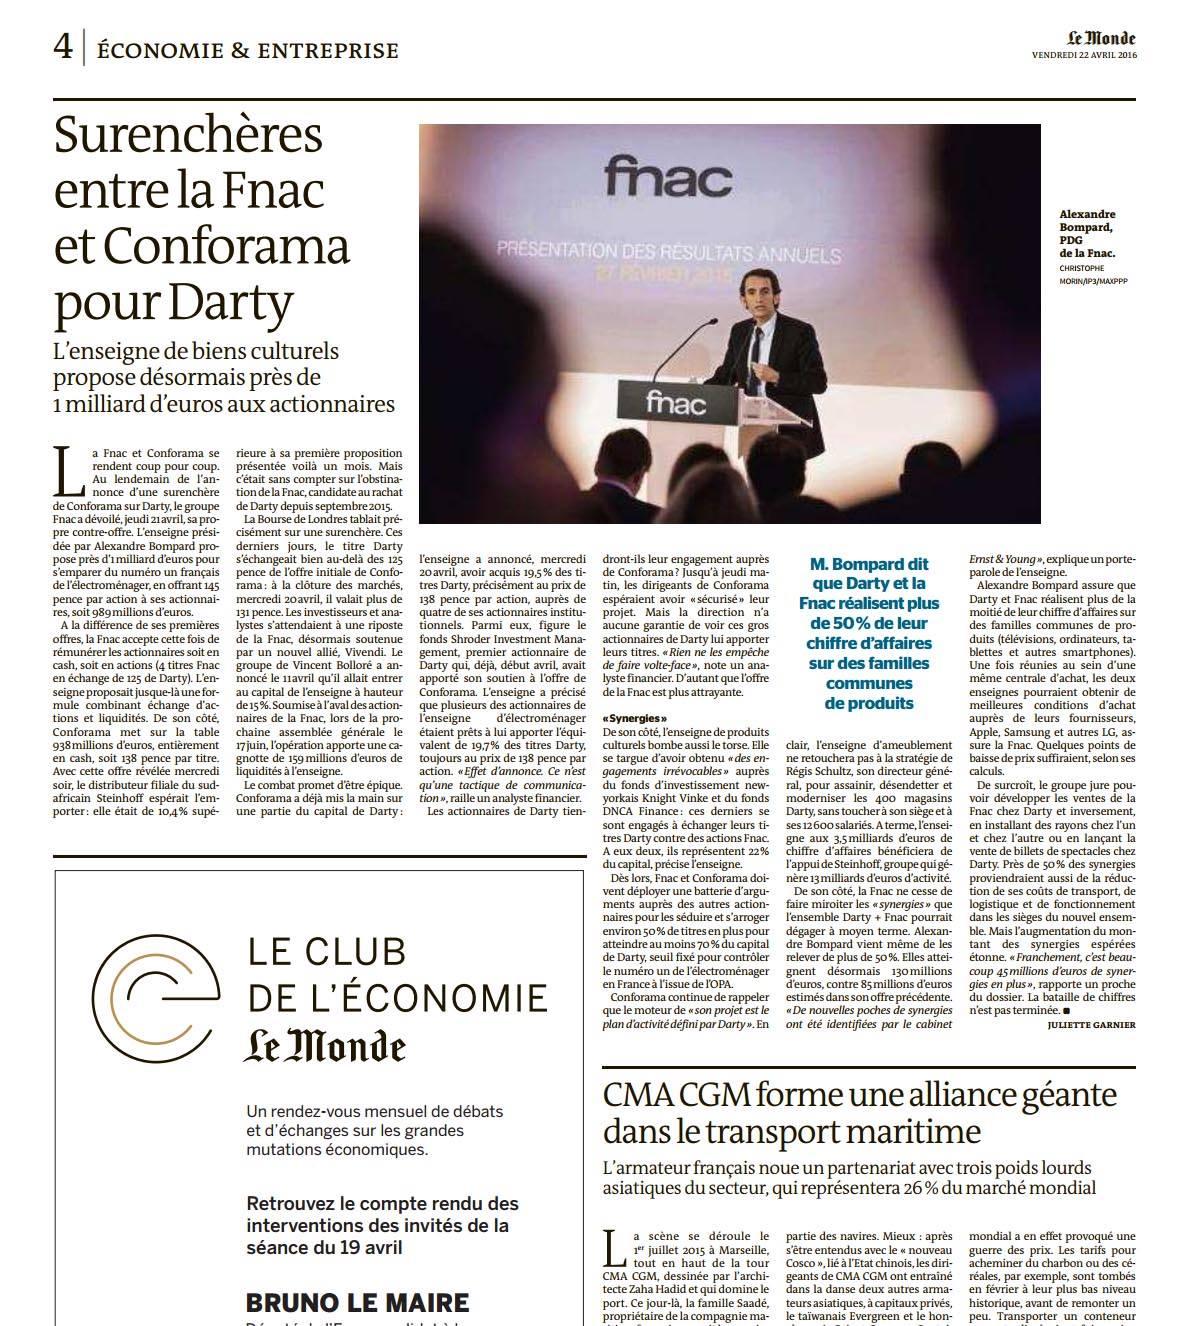 Le Monde - 22 avril 2016 © Christophe Morin.jpg